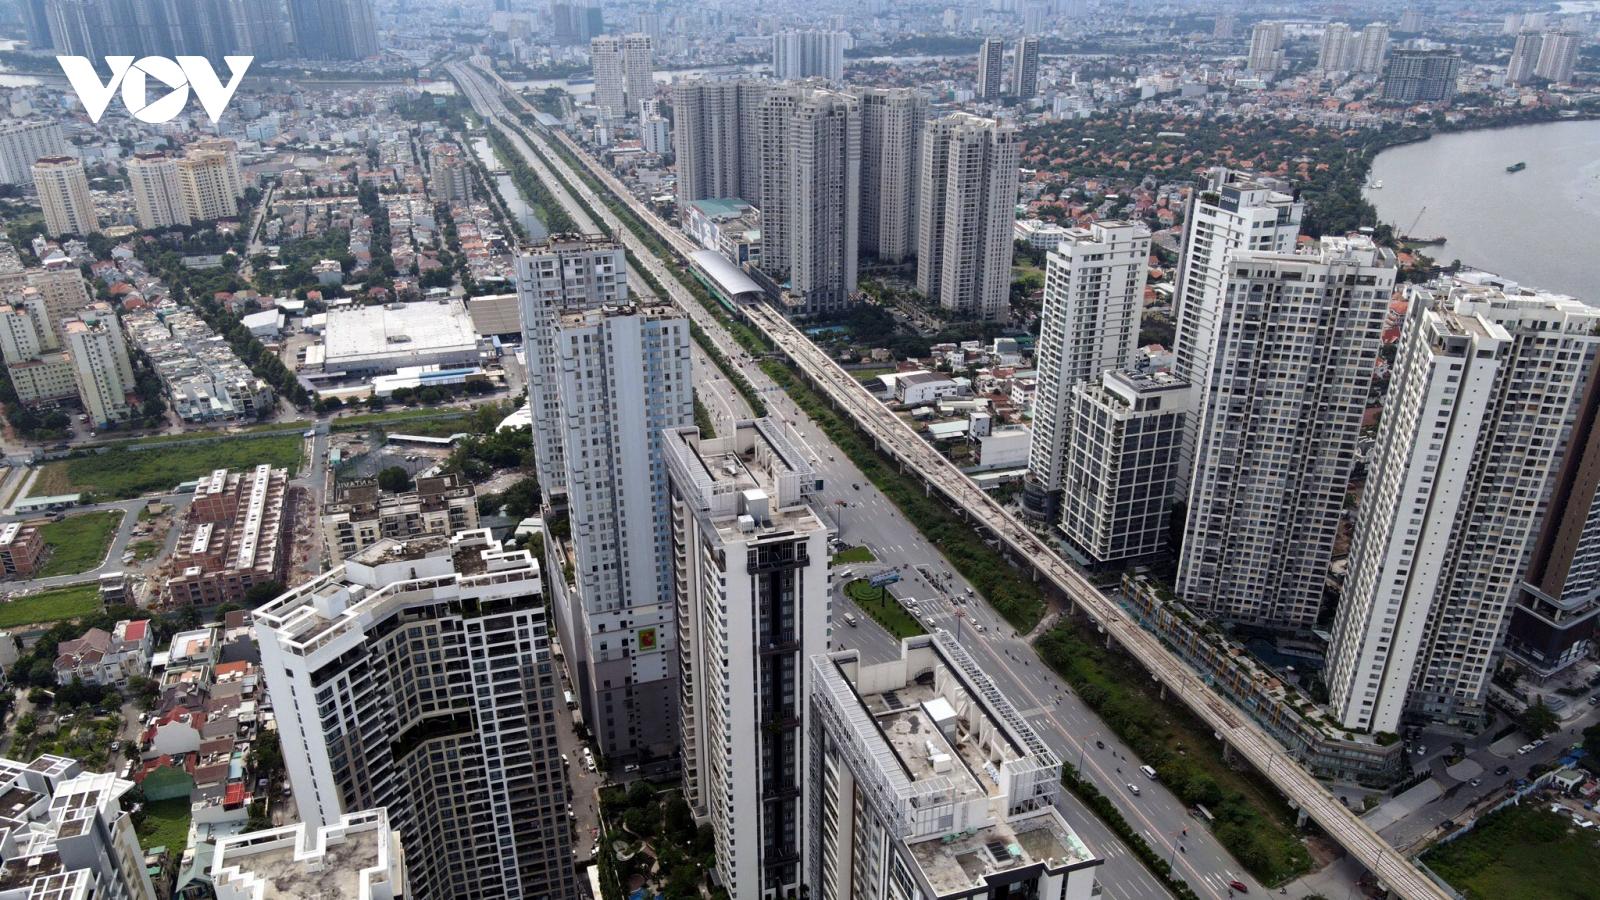 Doanh nghiệp bất động sản chủ động thay đổi chiến lược kinh doanh